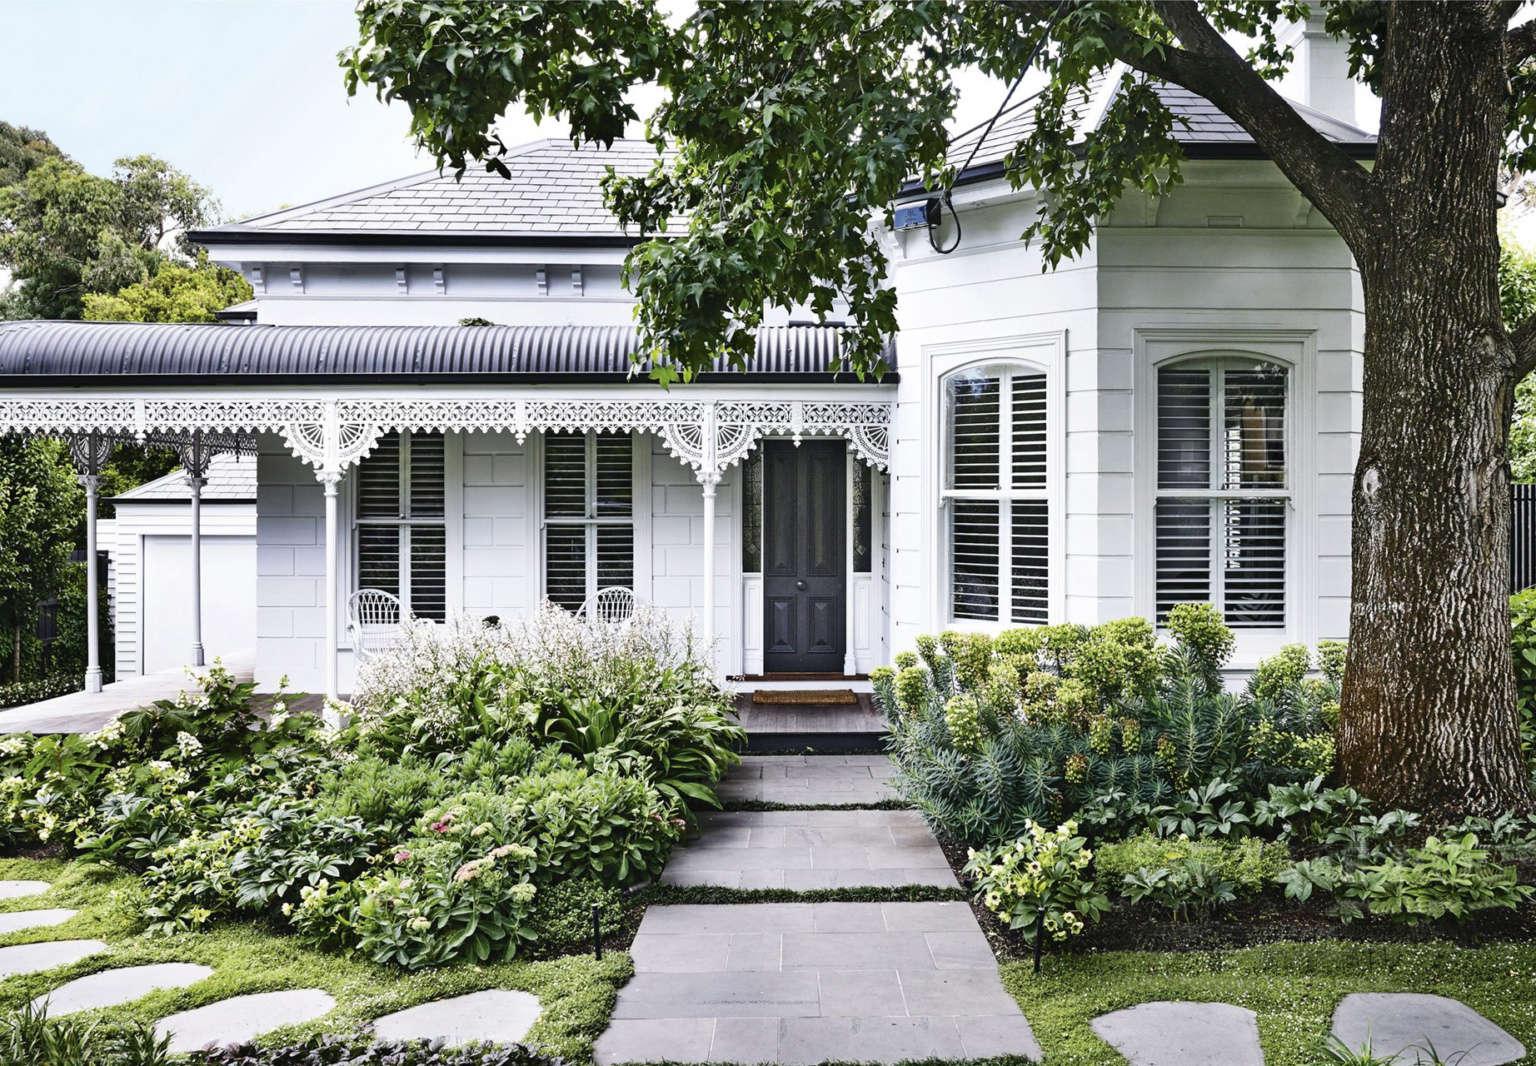 การจัดสวนสำหรับบ้านที่มีพื้นที่เล็กๆ